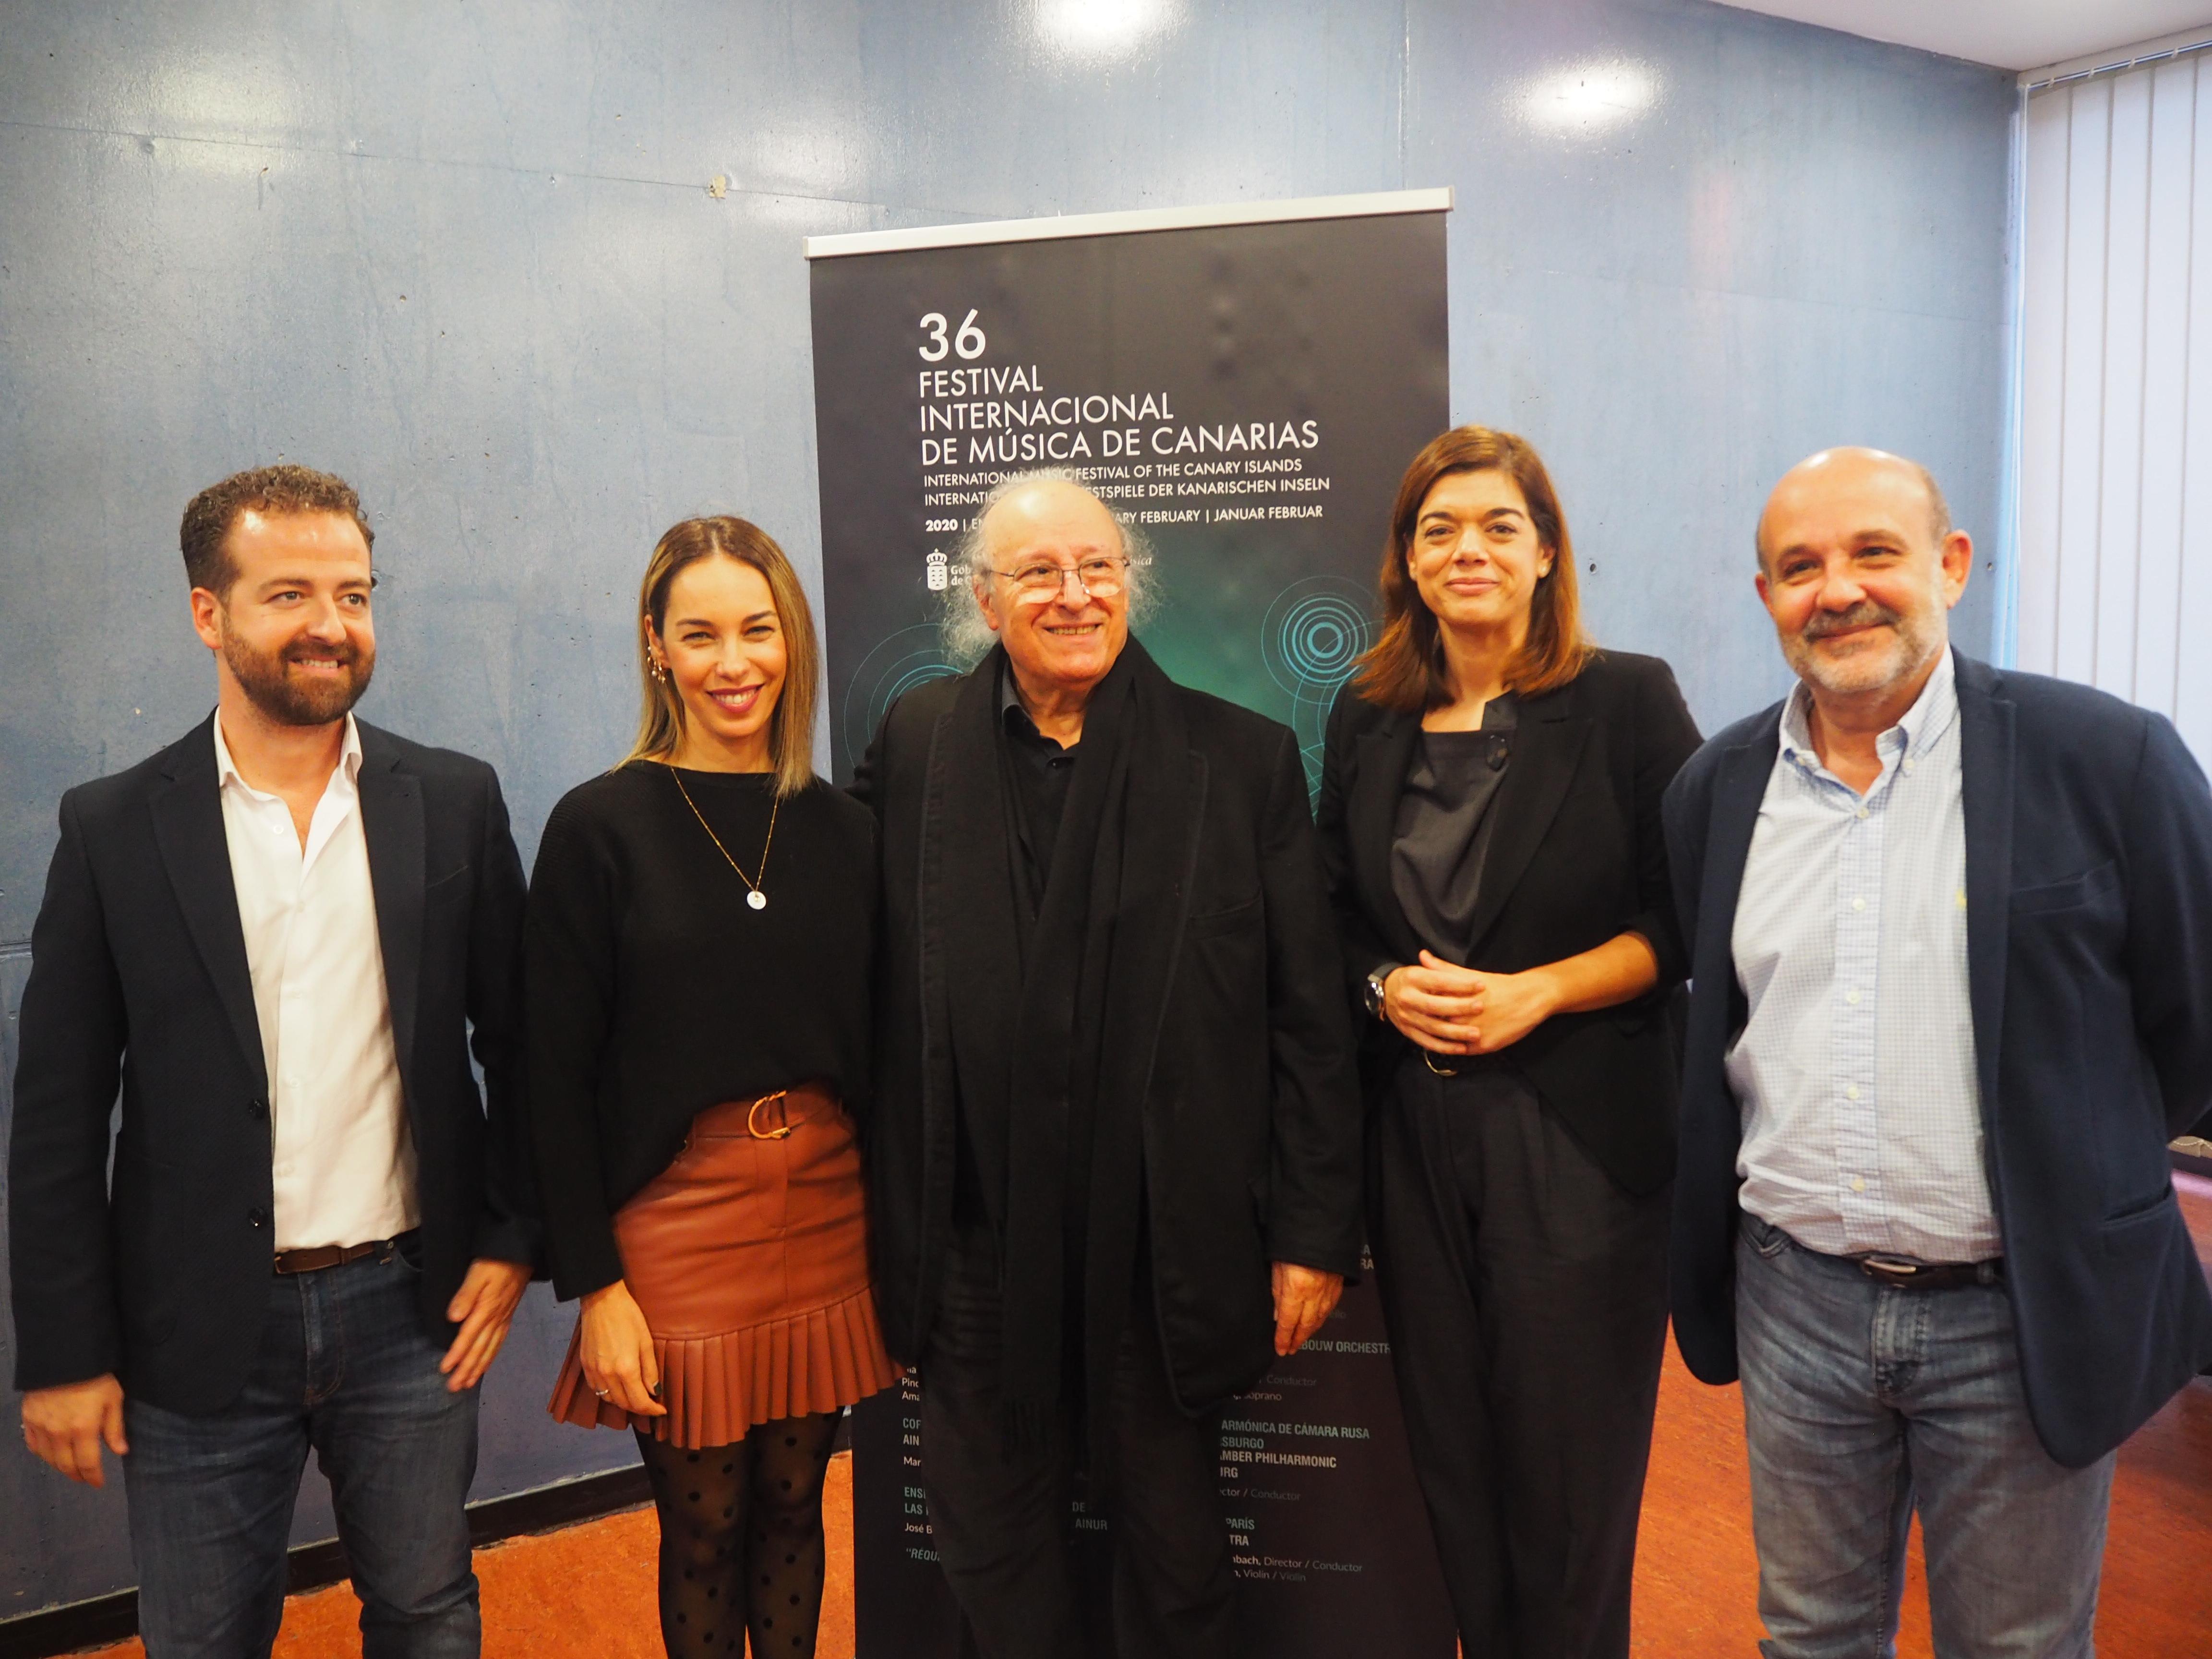 Inbal (centro) con Márquez, Medina, Mateos y Perdigón